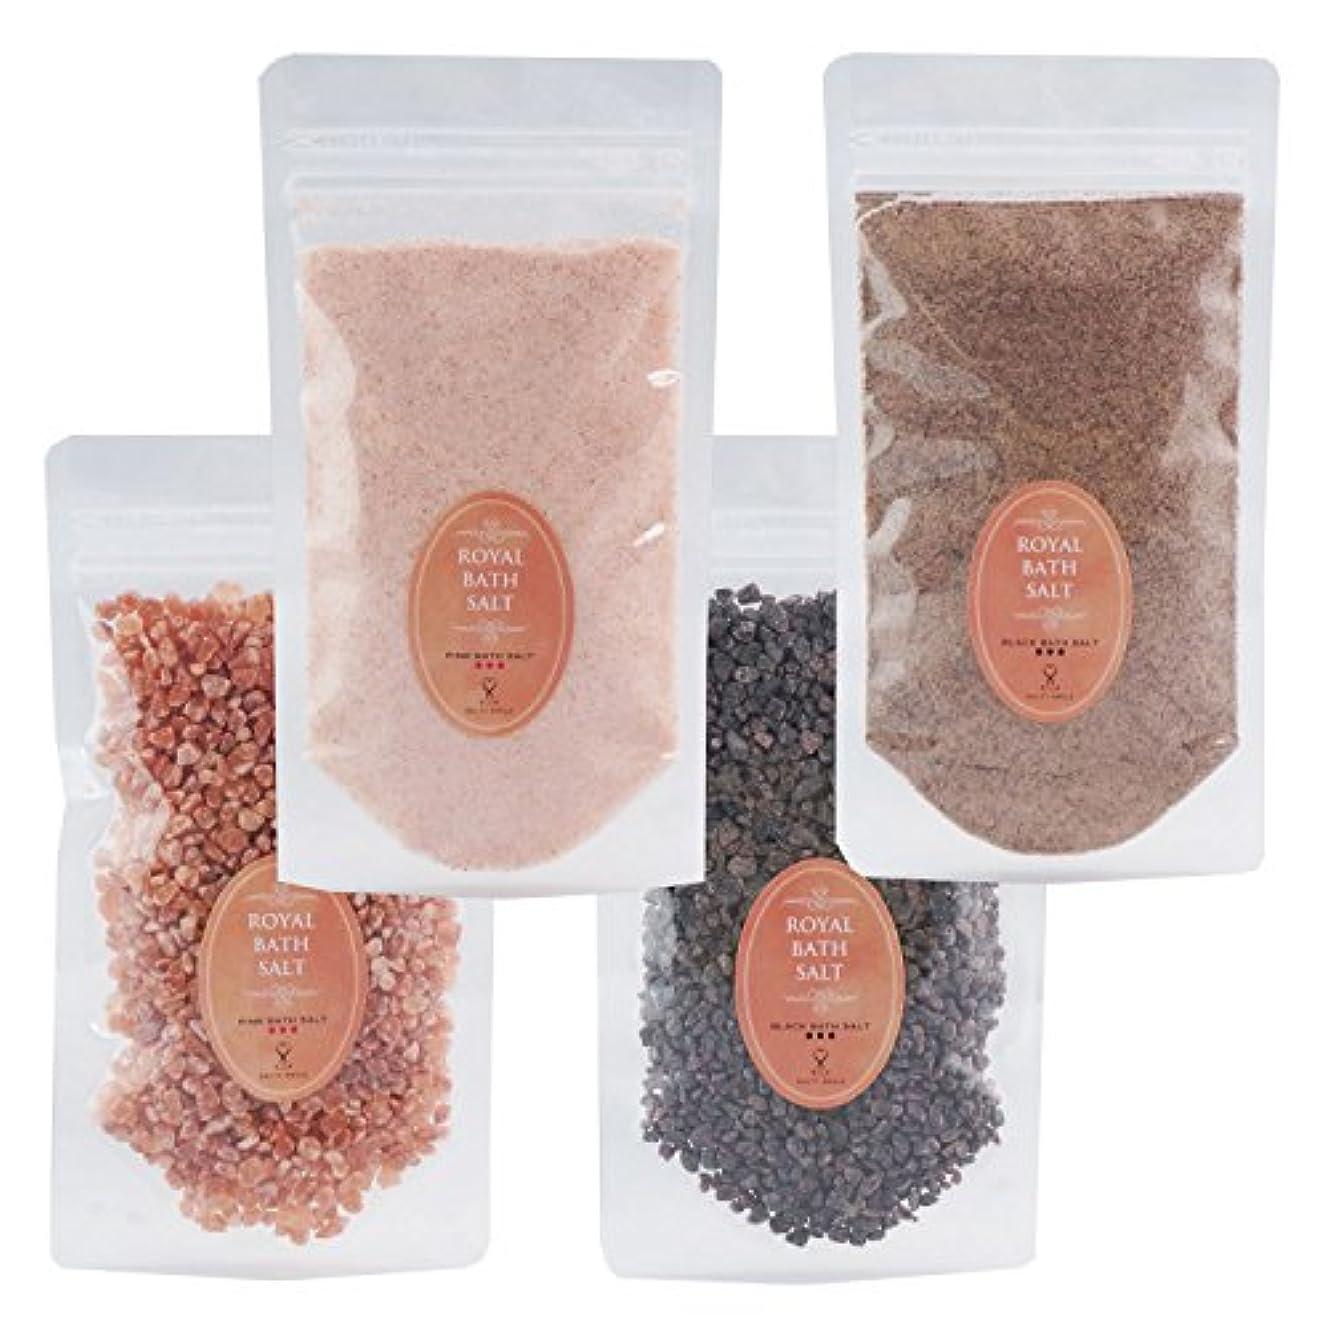 休暇定期的にメイドロイヤル バスソルト ヒマラヤ岩塩 ピンク ブラック パウダー グレイン 各200g 細粒 粗粒 ROYAL BATH SALT